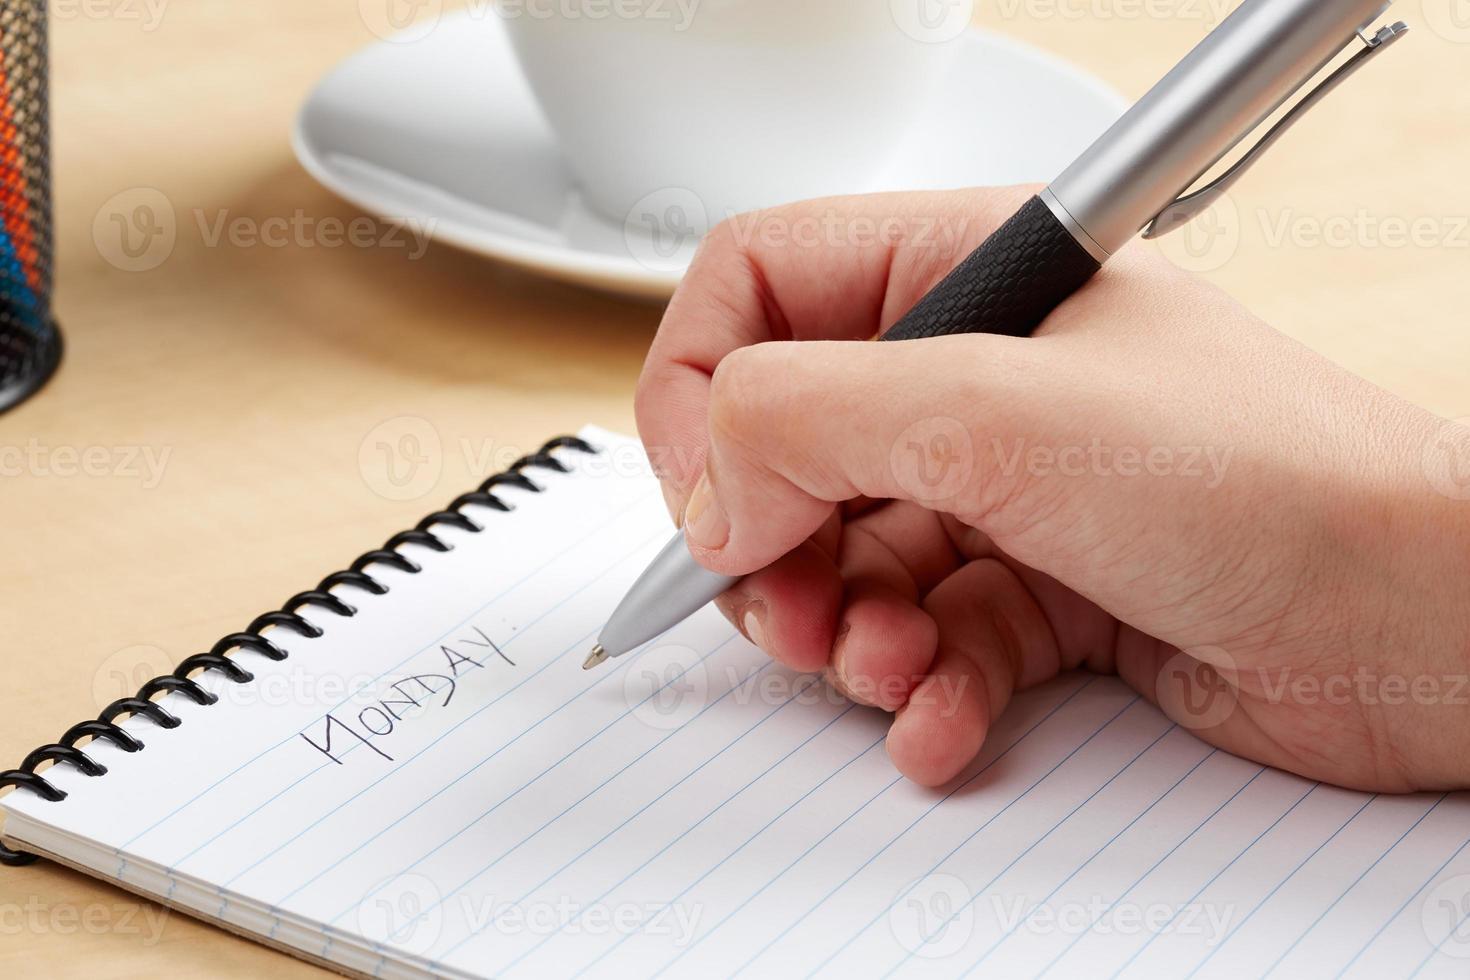 secretaria de escritura foto